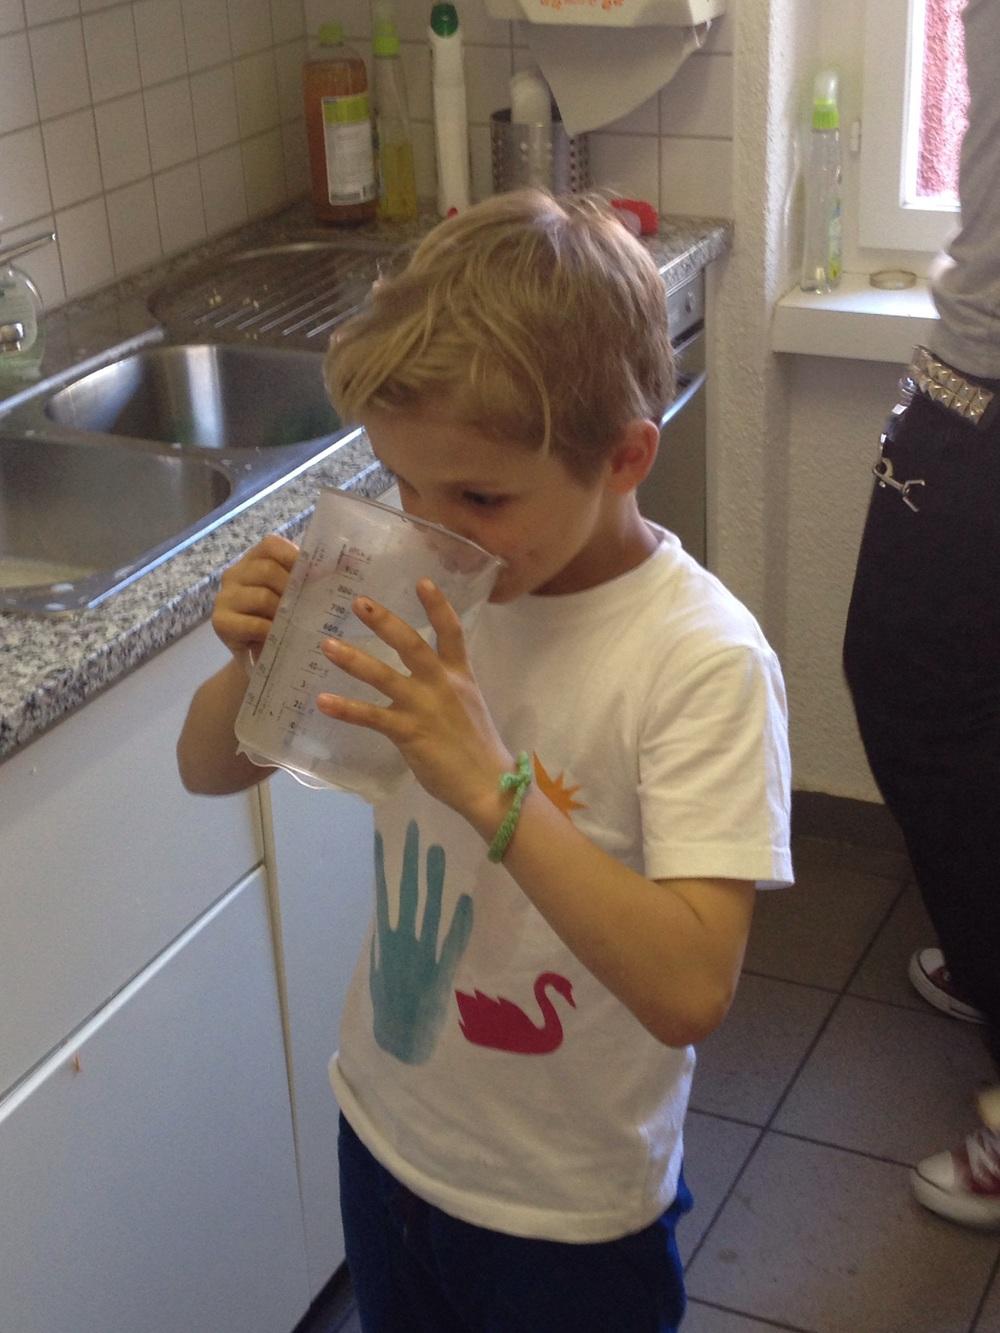 Rocco löscht seinen Durst. Ein Glas voll Wasser war ihm nicht genug.